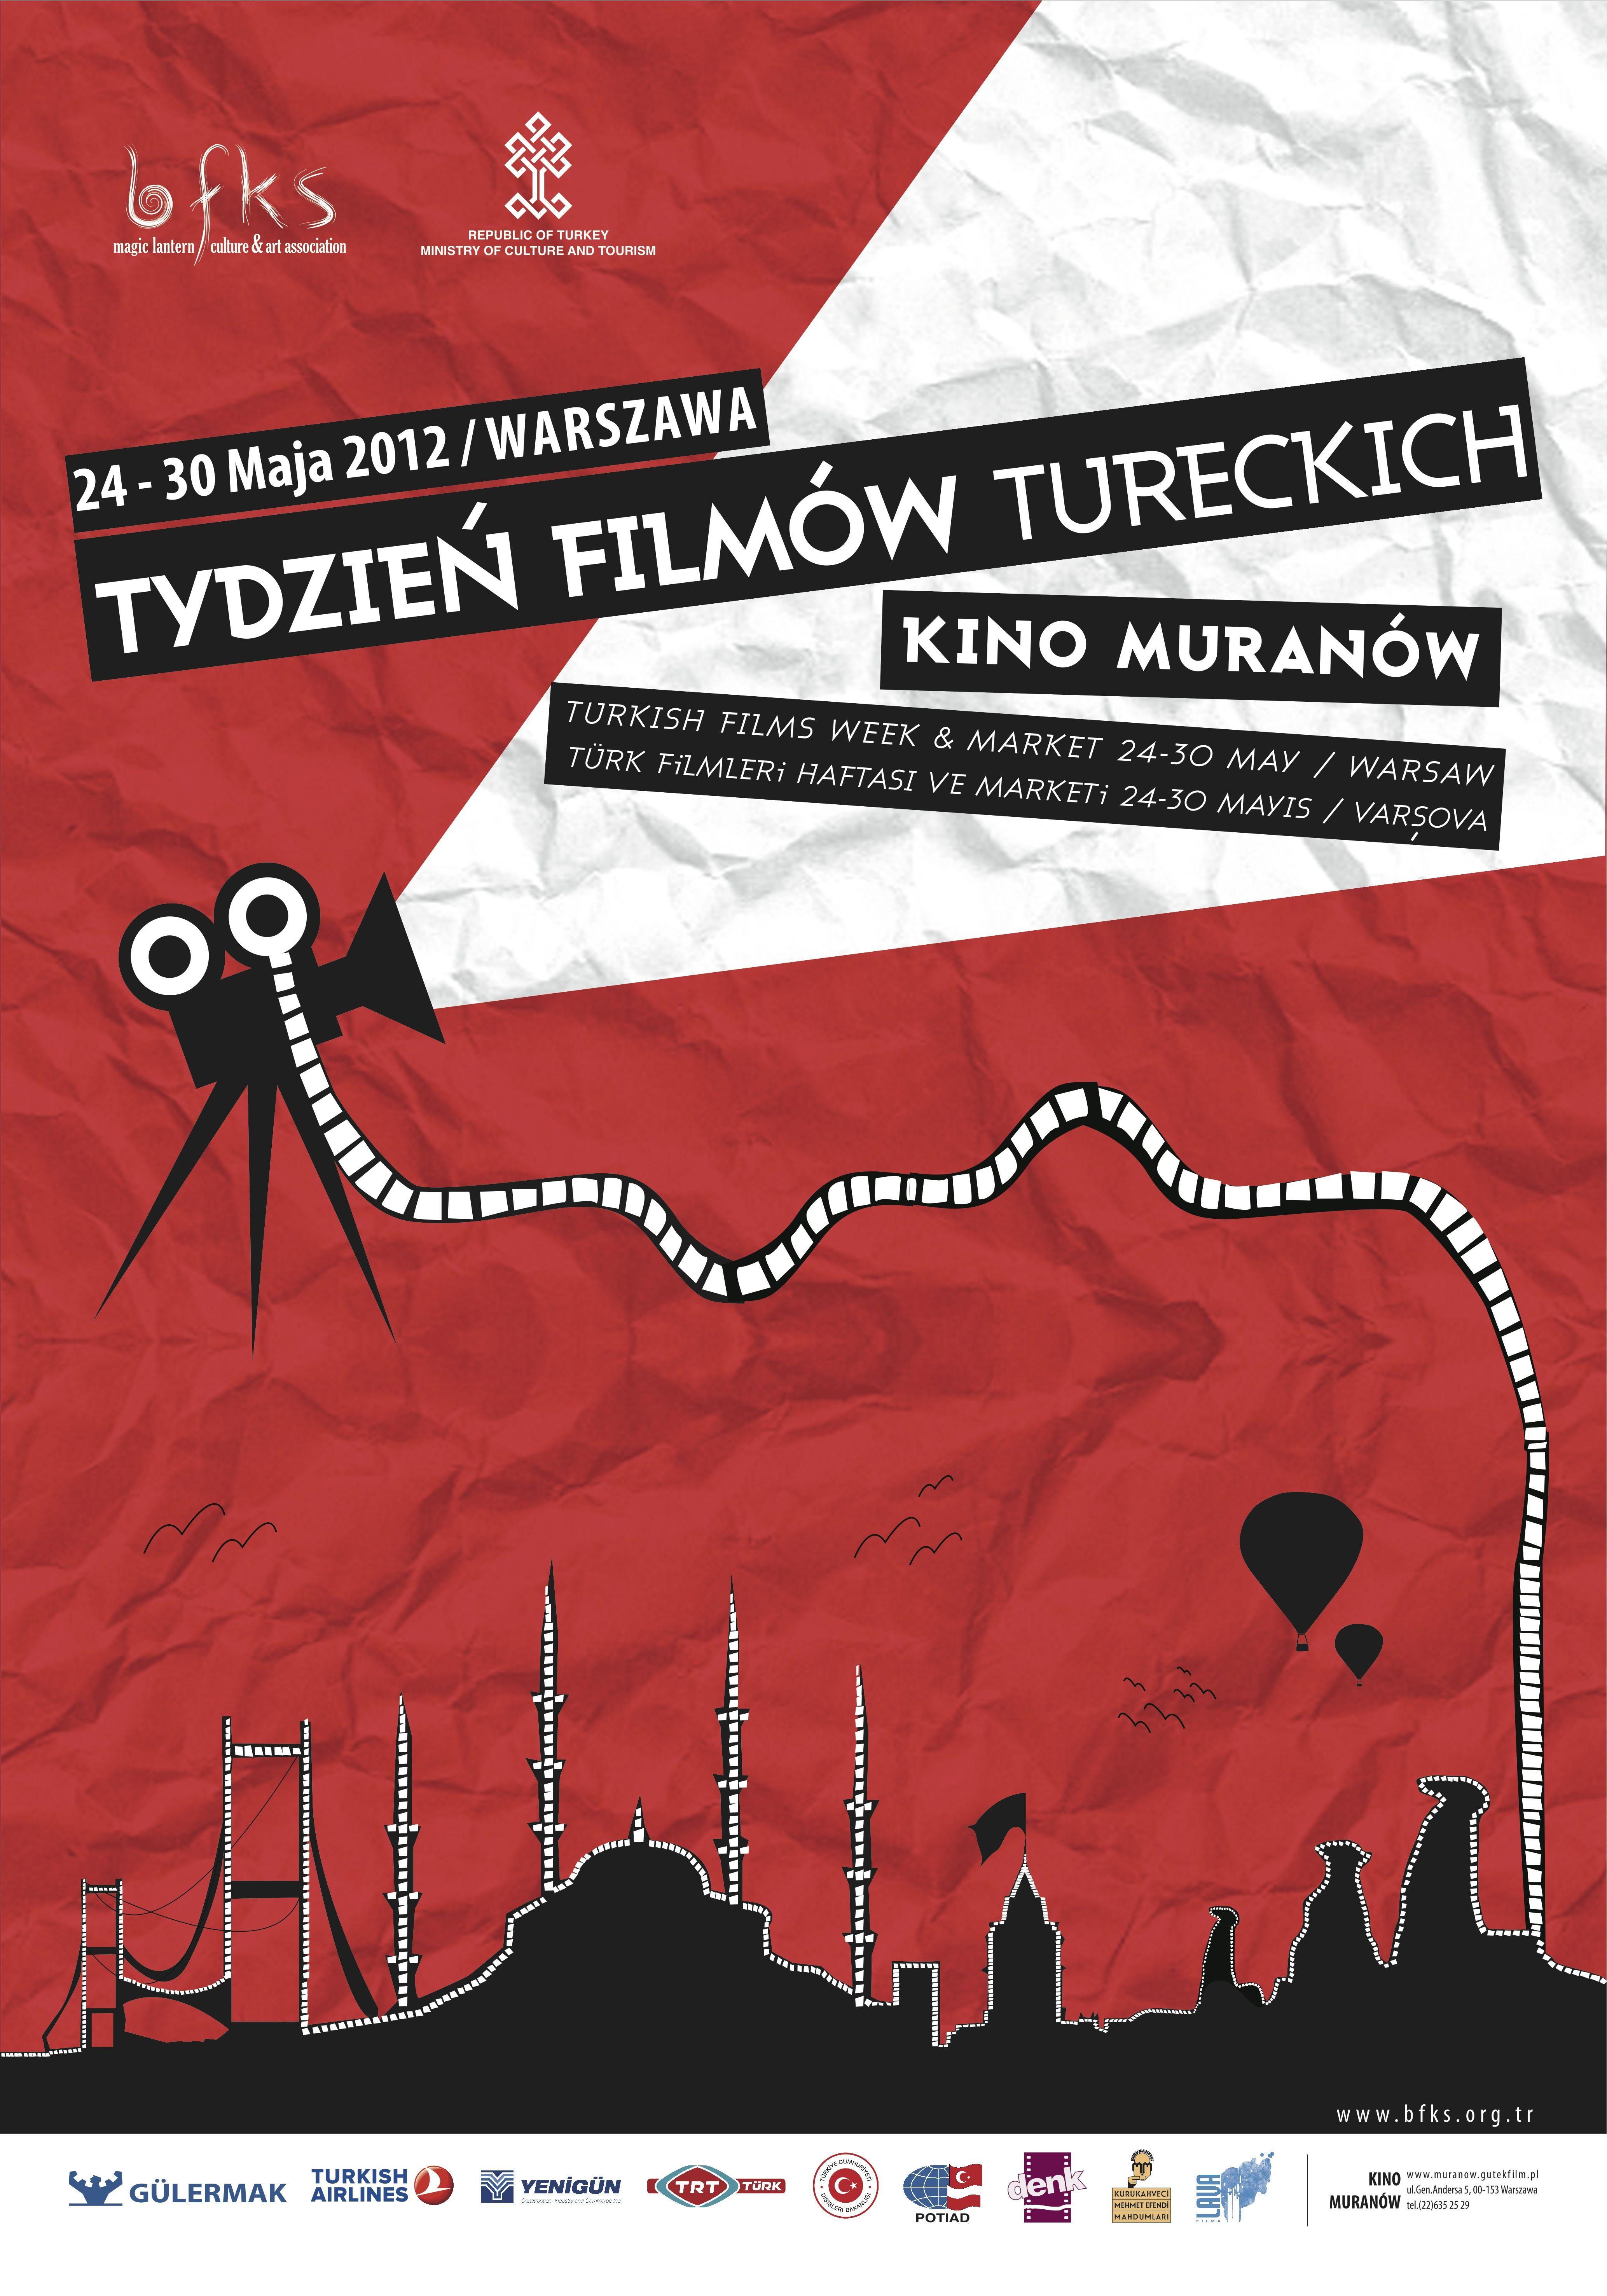 Yeni Türk Sineması Varşova'da